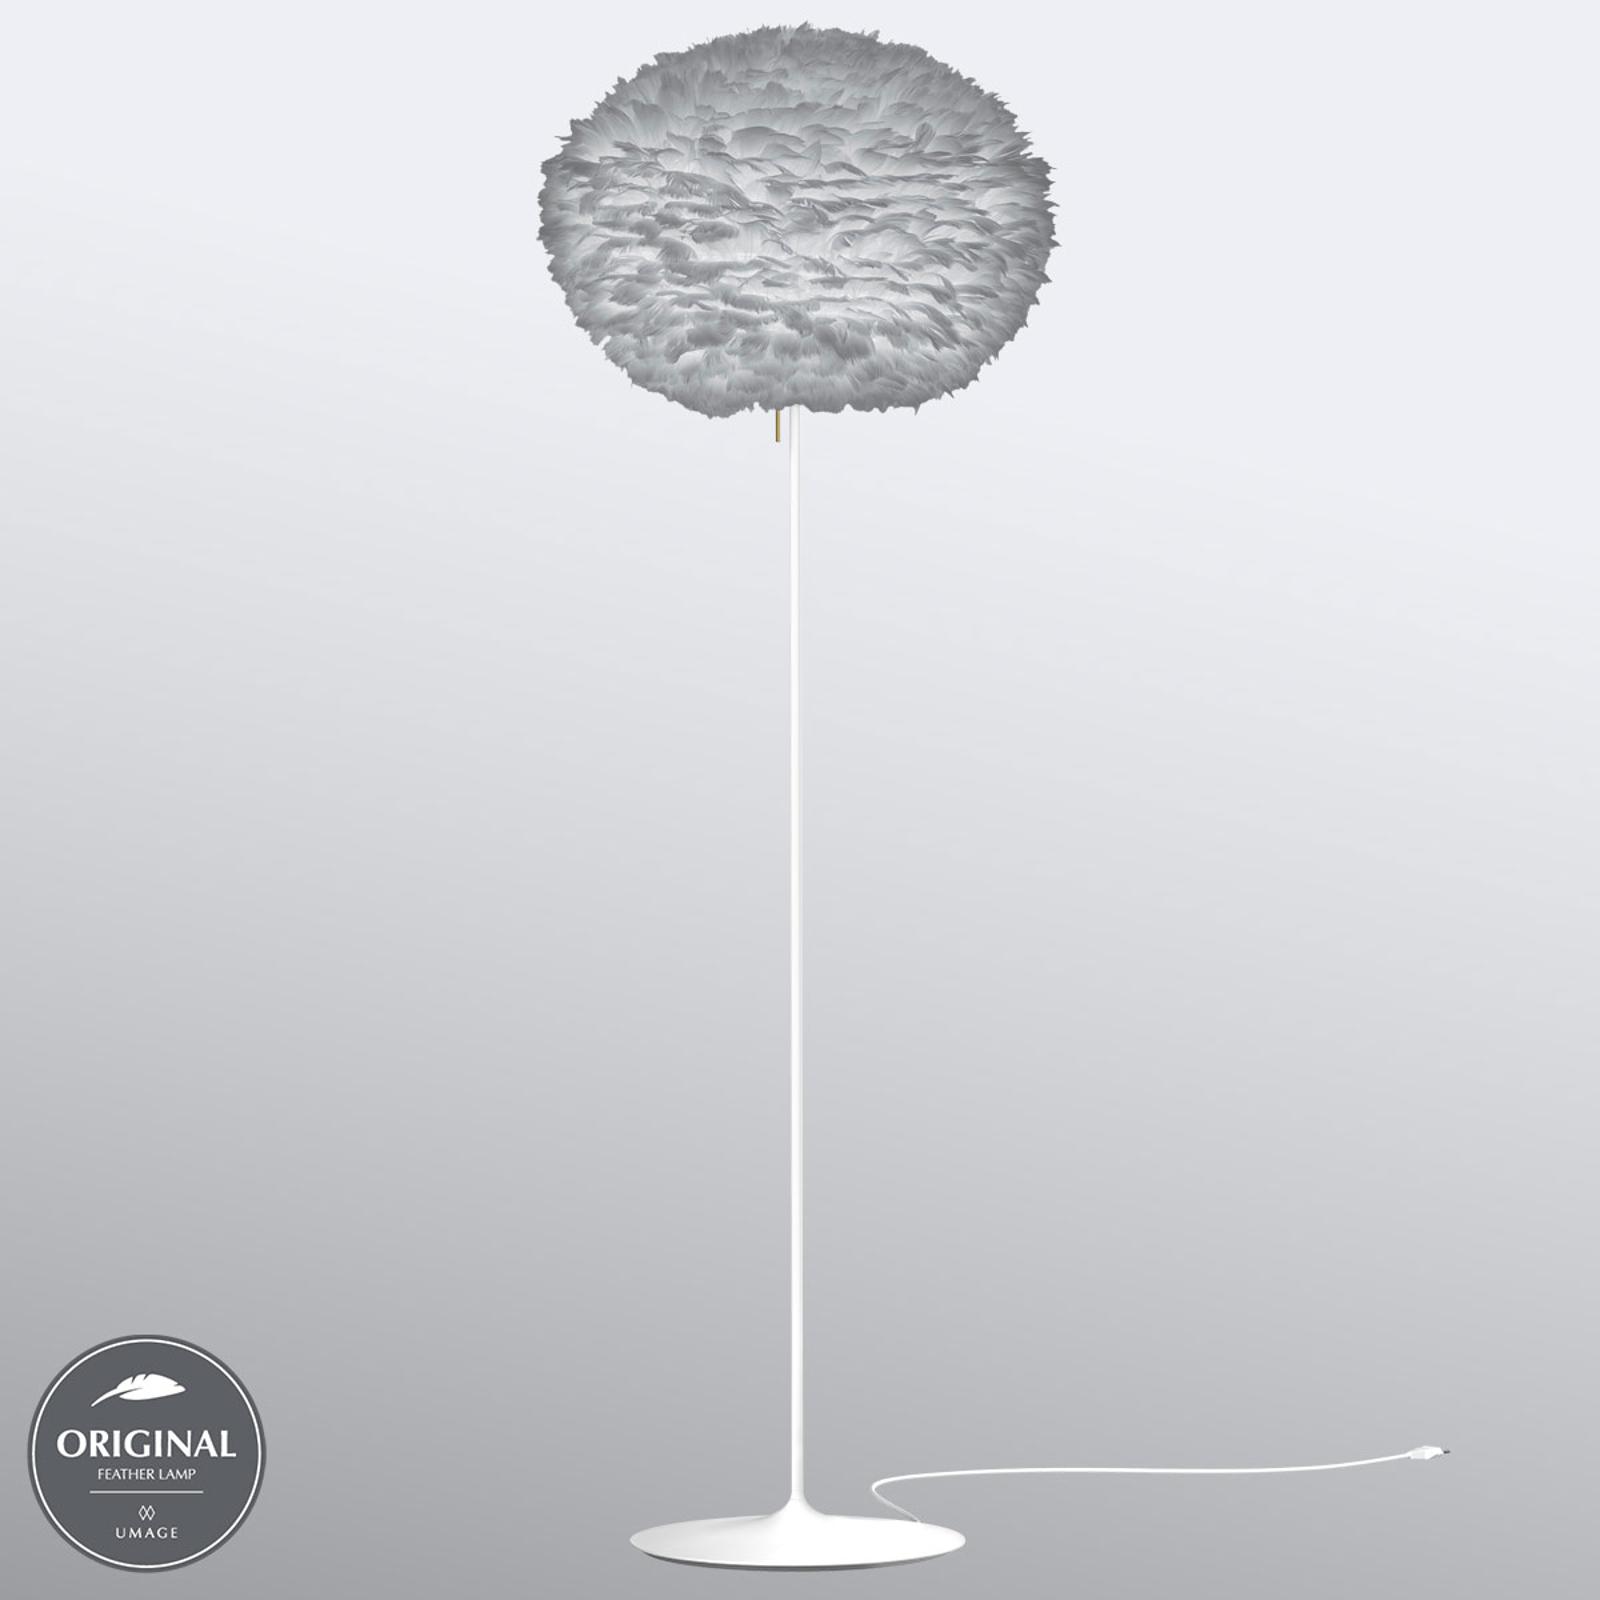 Lampa stojąca Eos large, klosz z gęsich piór